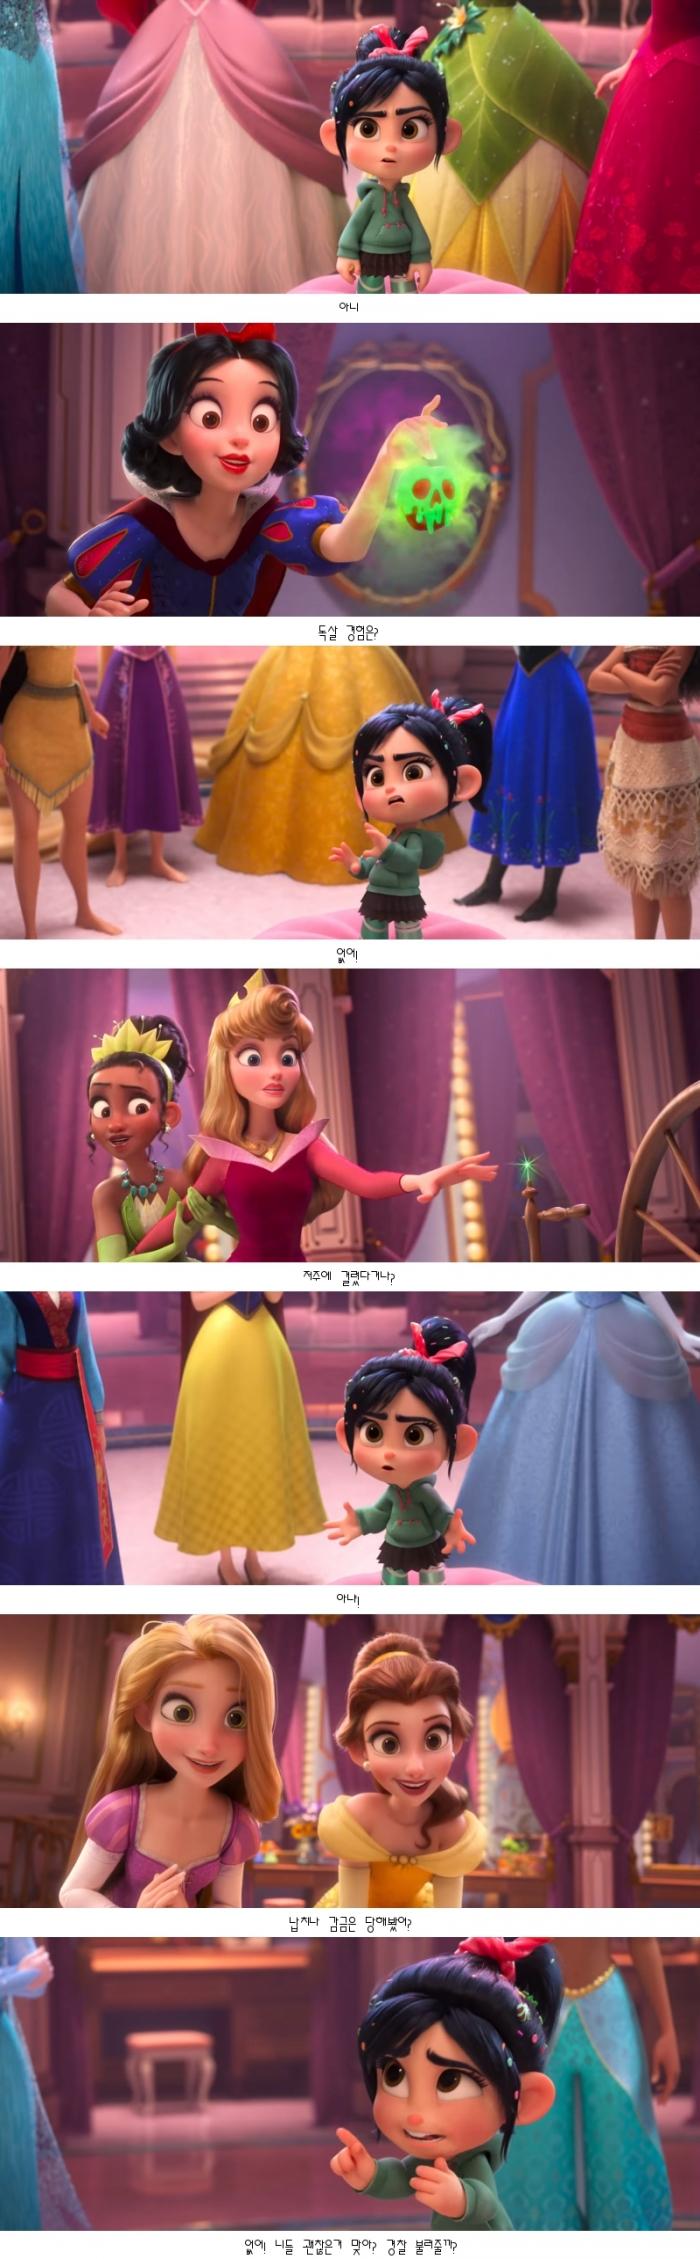 디즈니공주의 자격2.jpg